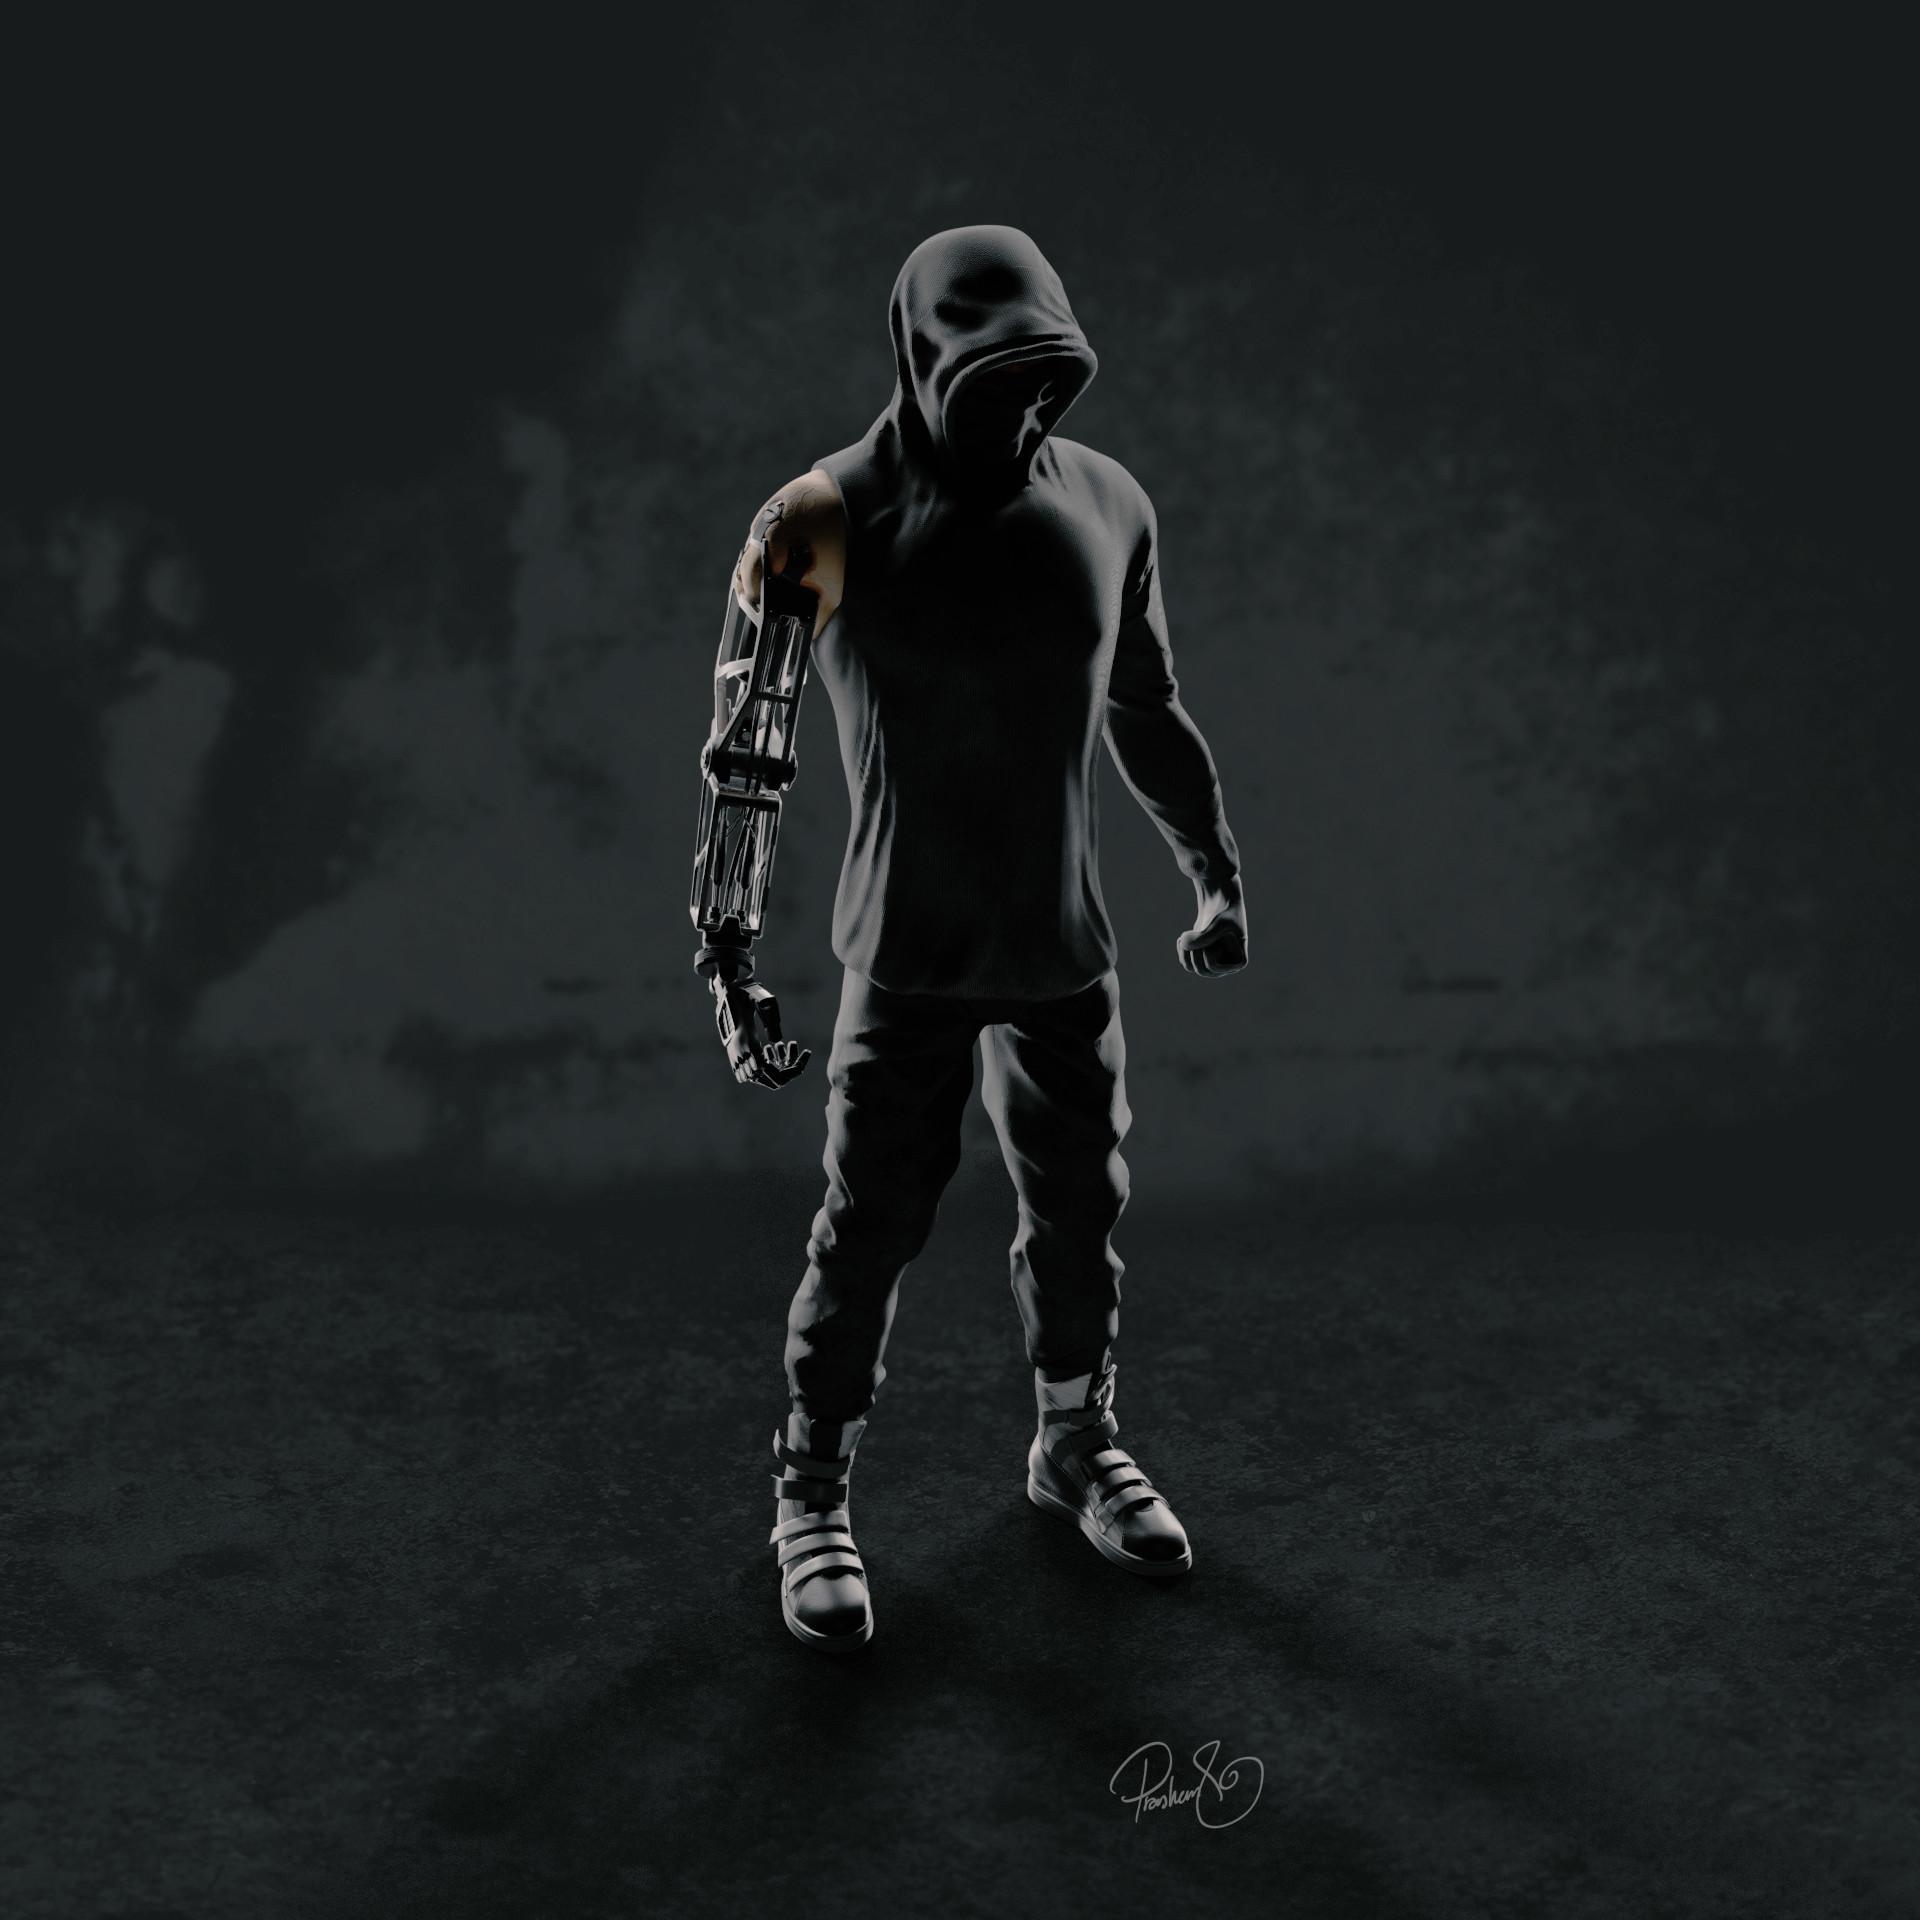 Prashan s cyborg 04